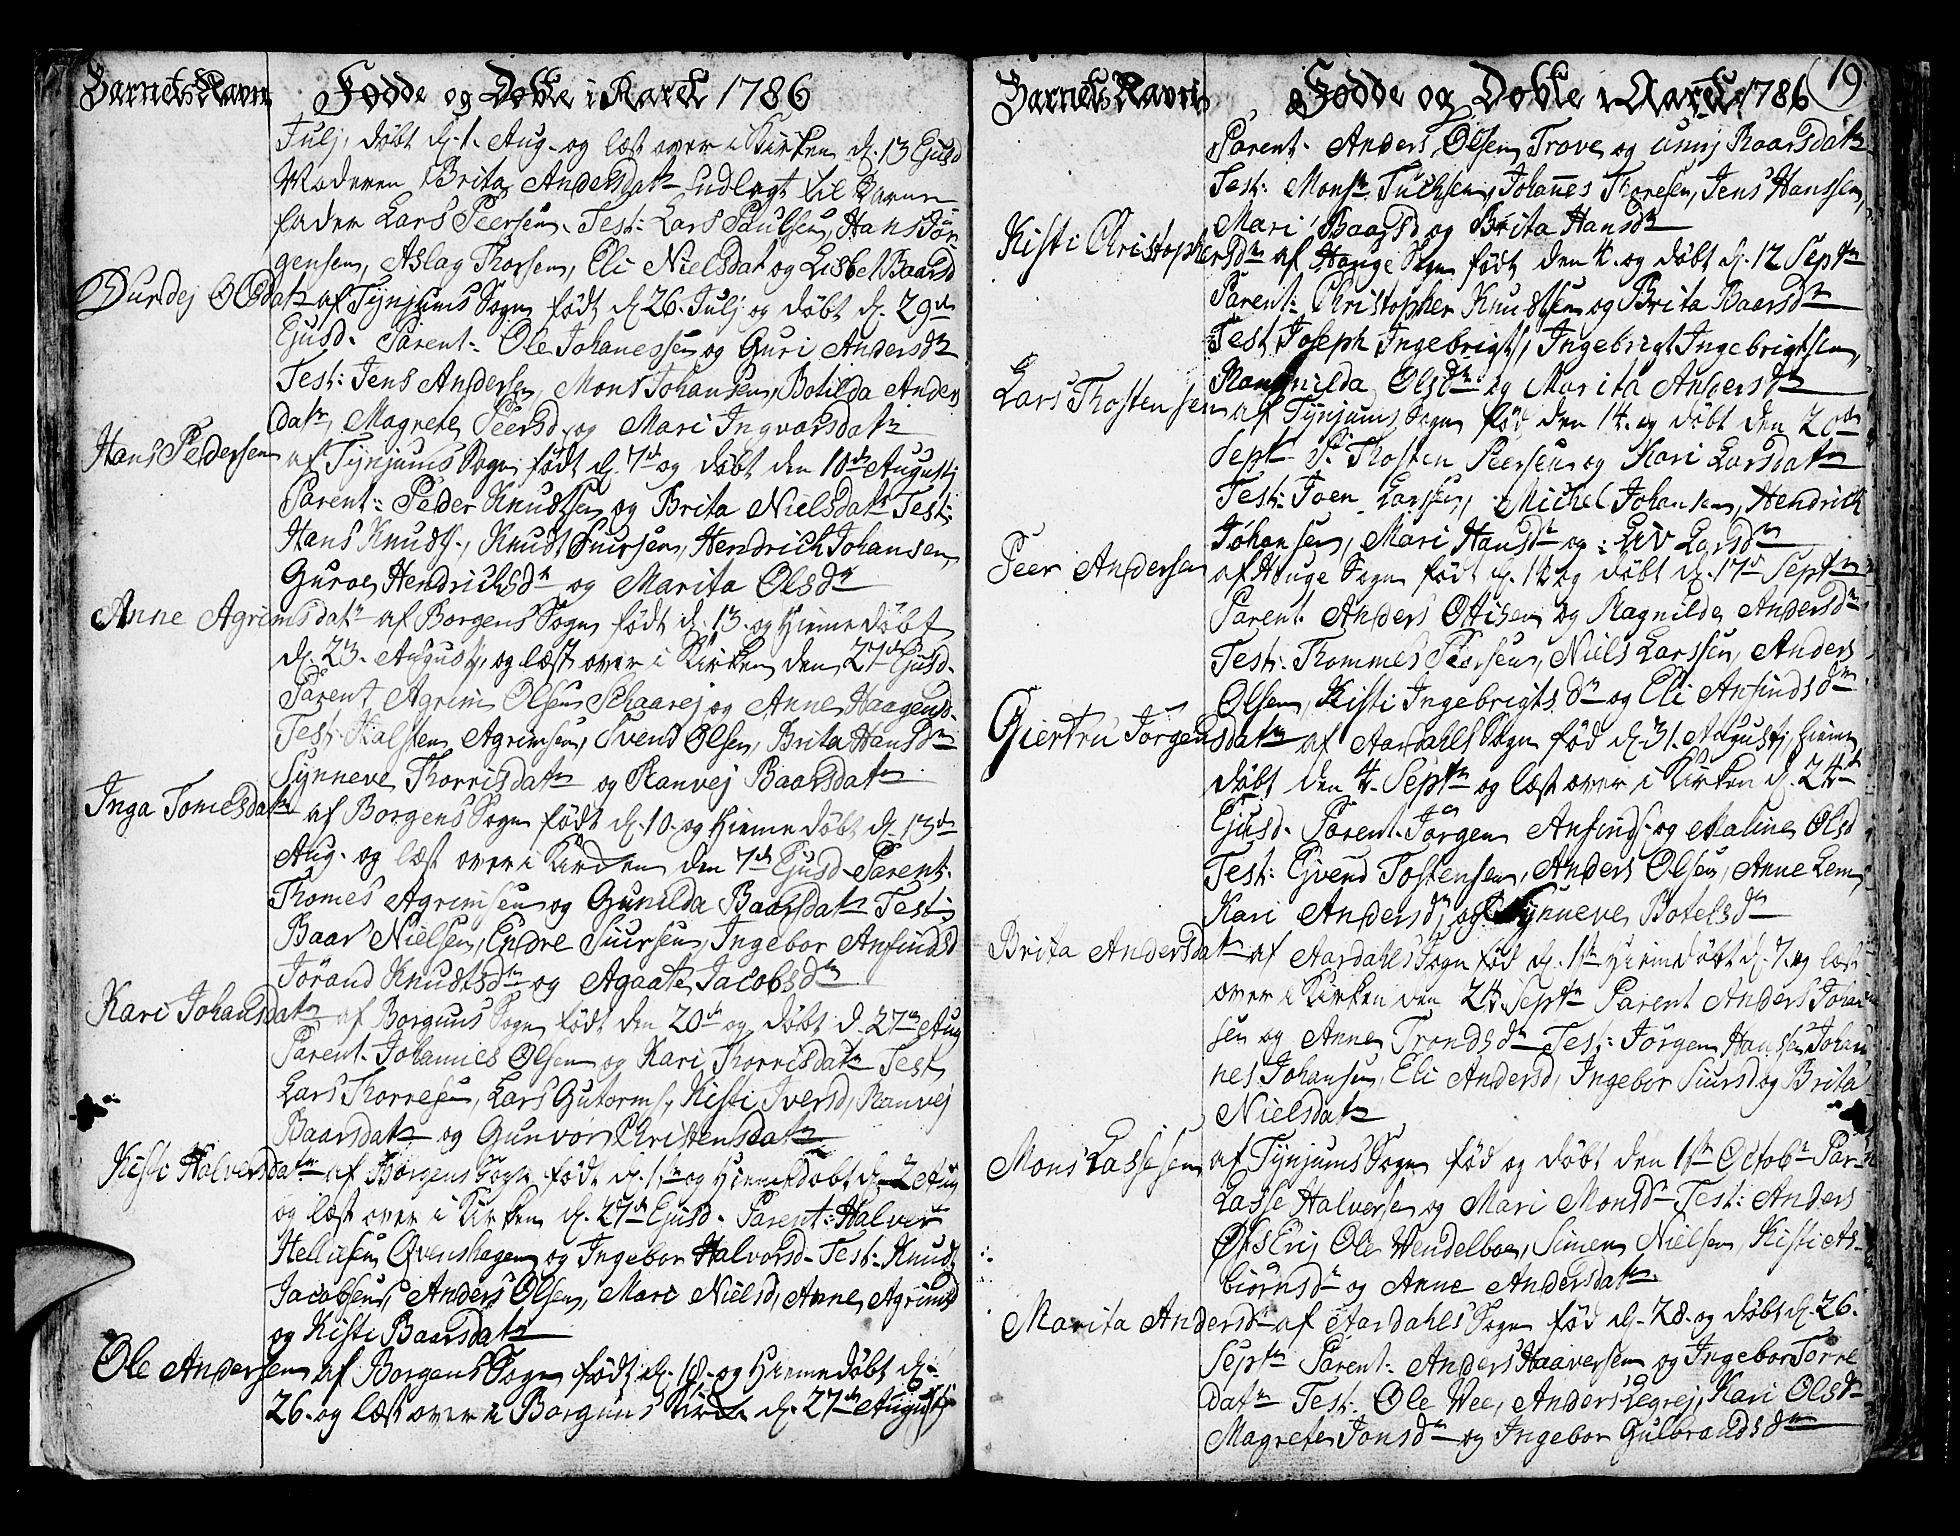 SAB, Lærdal sokneprestembete, Ministerialbok nr. A 3, 1783-1804, s. 19